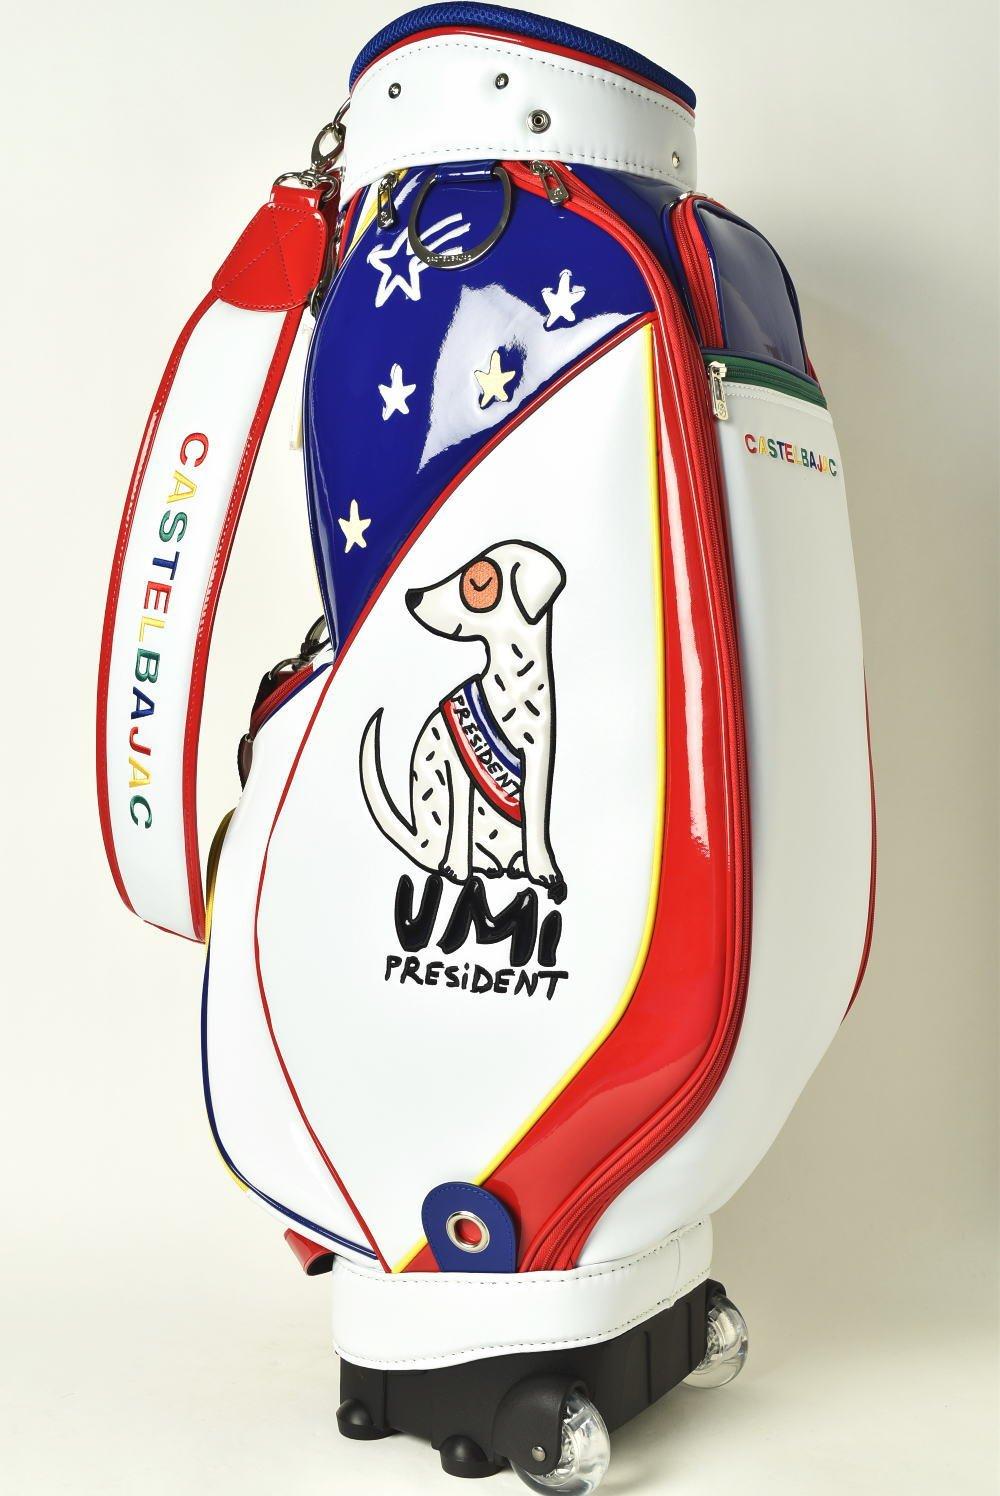 (カステルバジャック) CASTELBAJAC キャディバッグ レディース スポーツ ゴルフ 24003-407 B01N2MD4AQ  ホワイト(01) 40